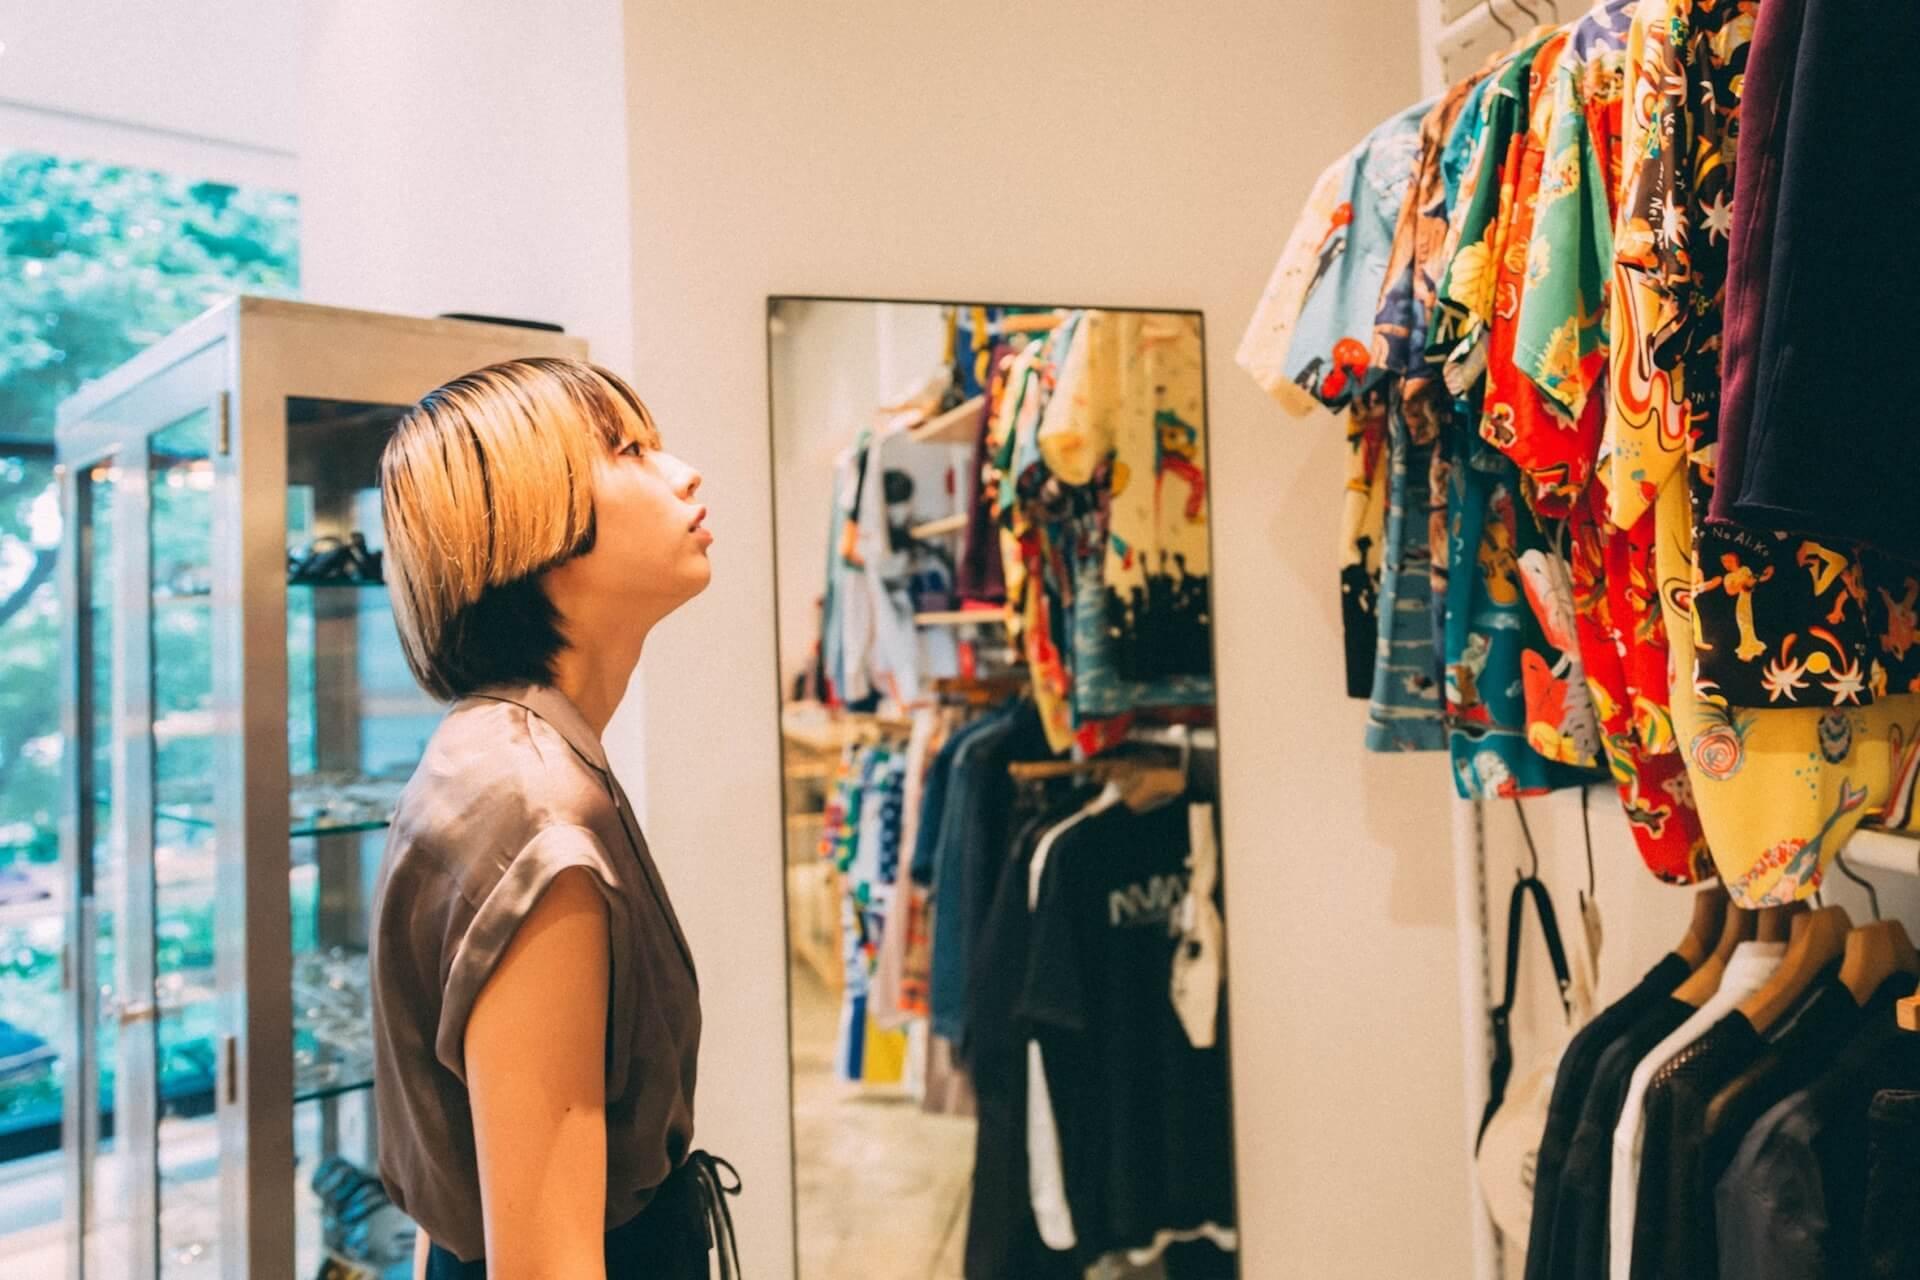 【初心者も必見】夏フェスファッションとおすすめフェスアイテム紹介 life-fashion190712-summer-festival-fashion-11